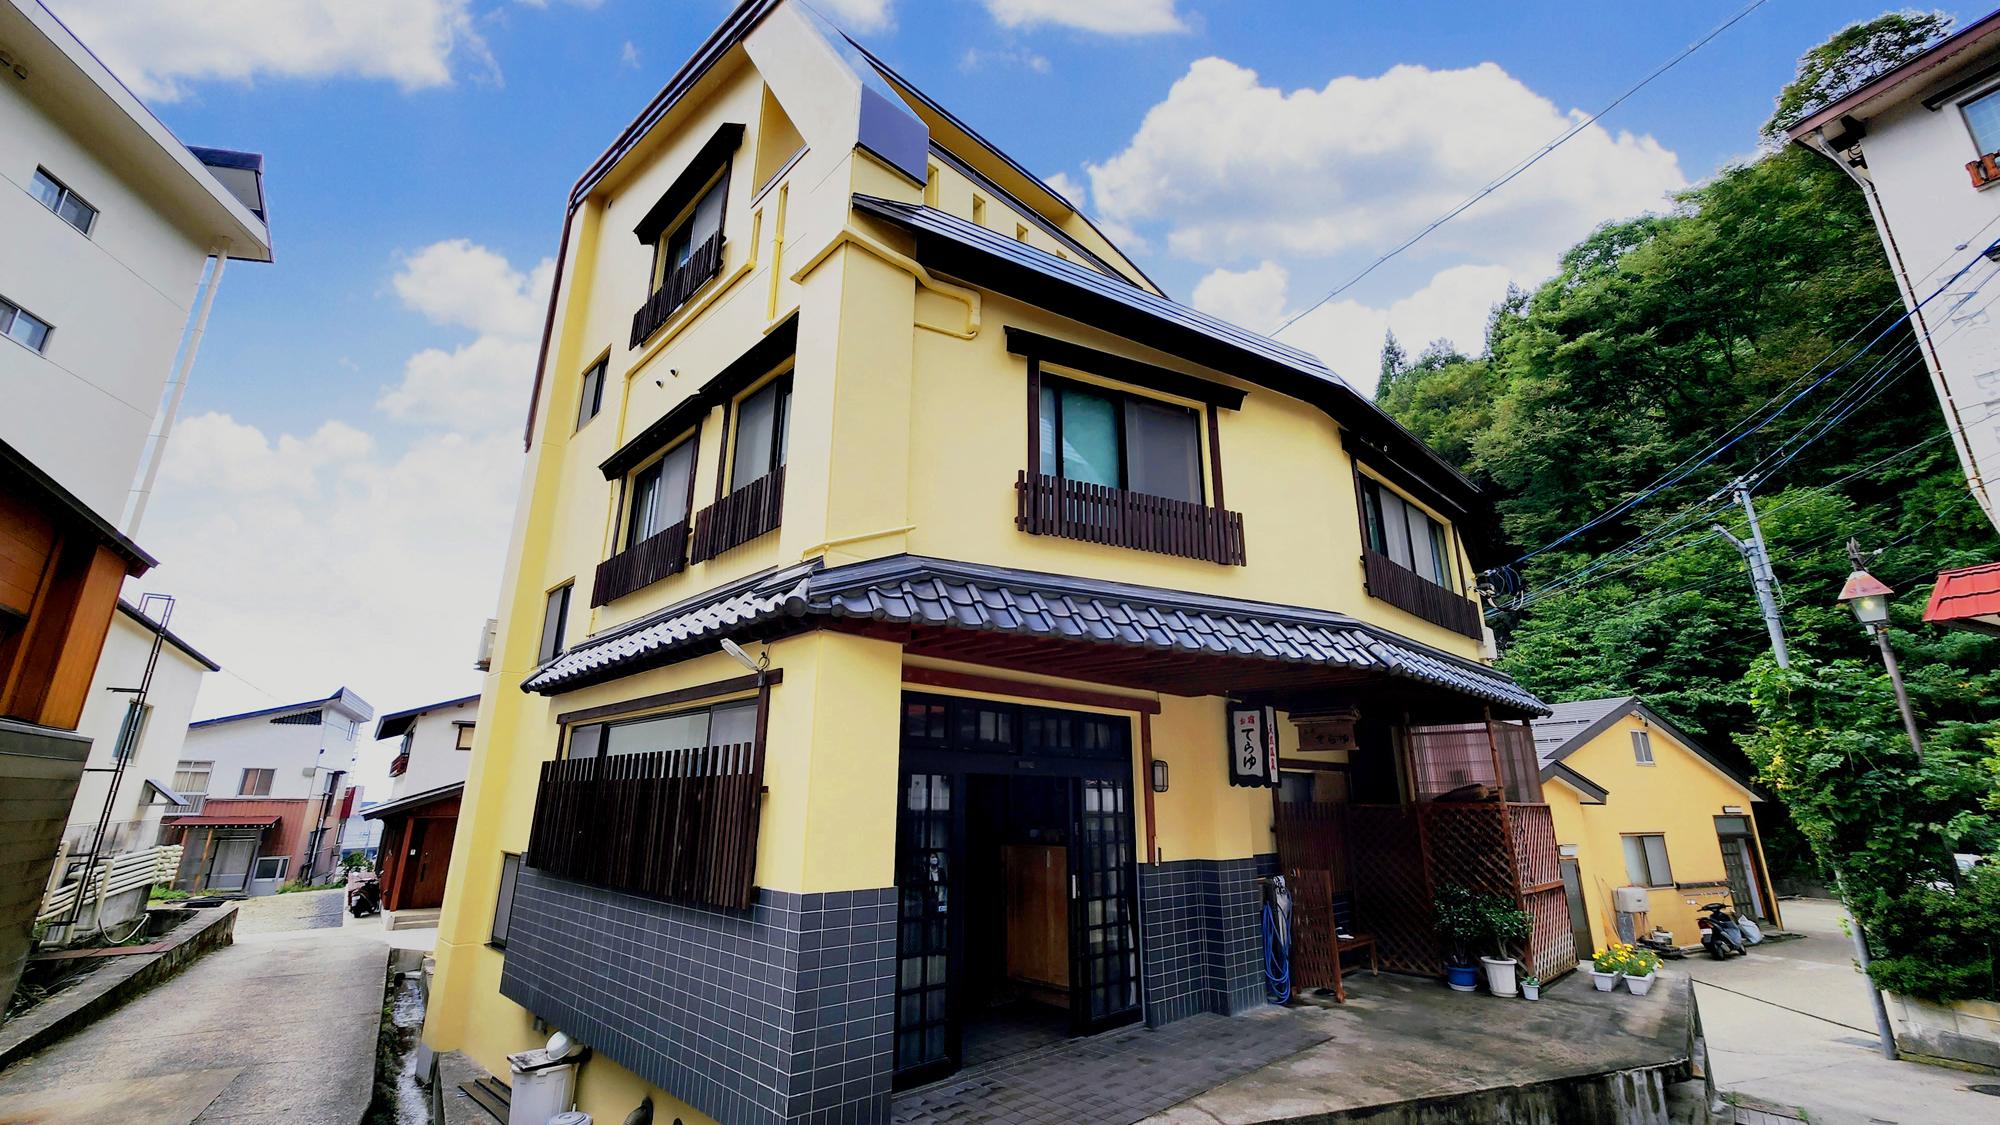 野沢温泉でおすすめの昔ながらの和風の宿を教えて!